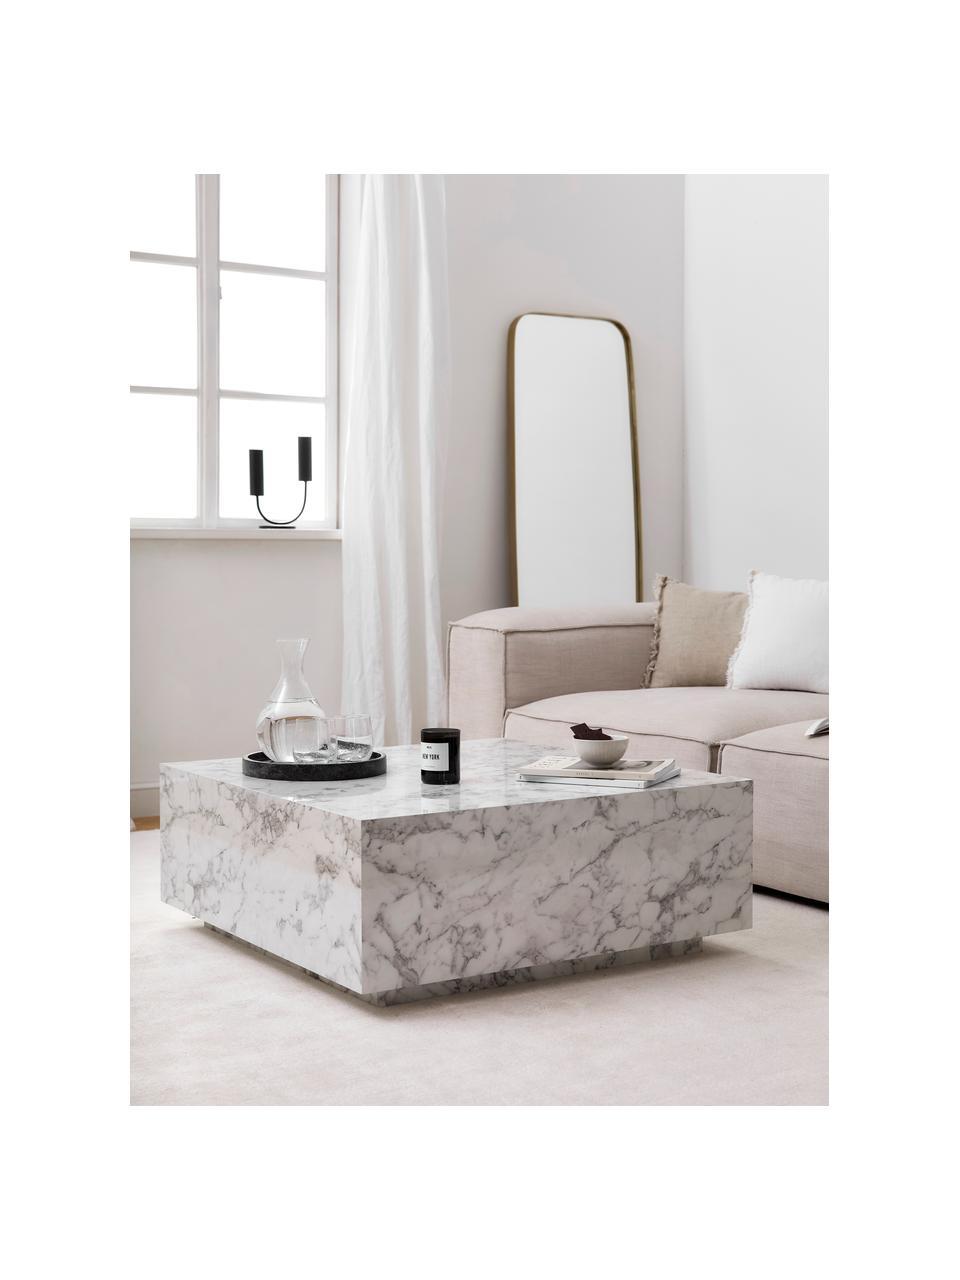 Stolik kawowy z imitacją marmuru Lesley, Płyta pilśniowa średniej gęstości (MDF) pokryta folią melaminową, Biały, imitacja marmuru, S 90 x W 35 cm